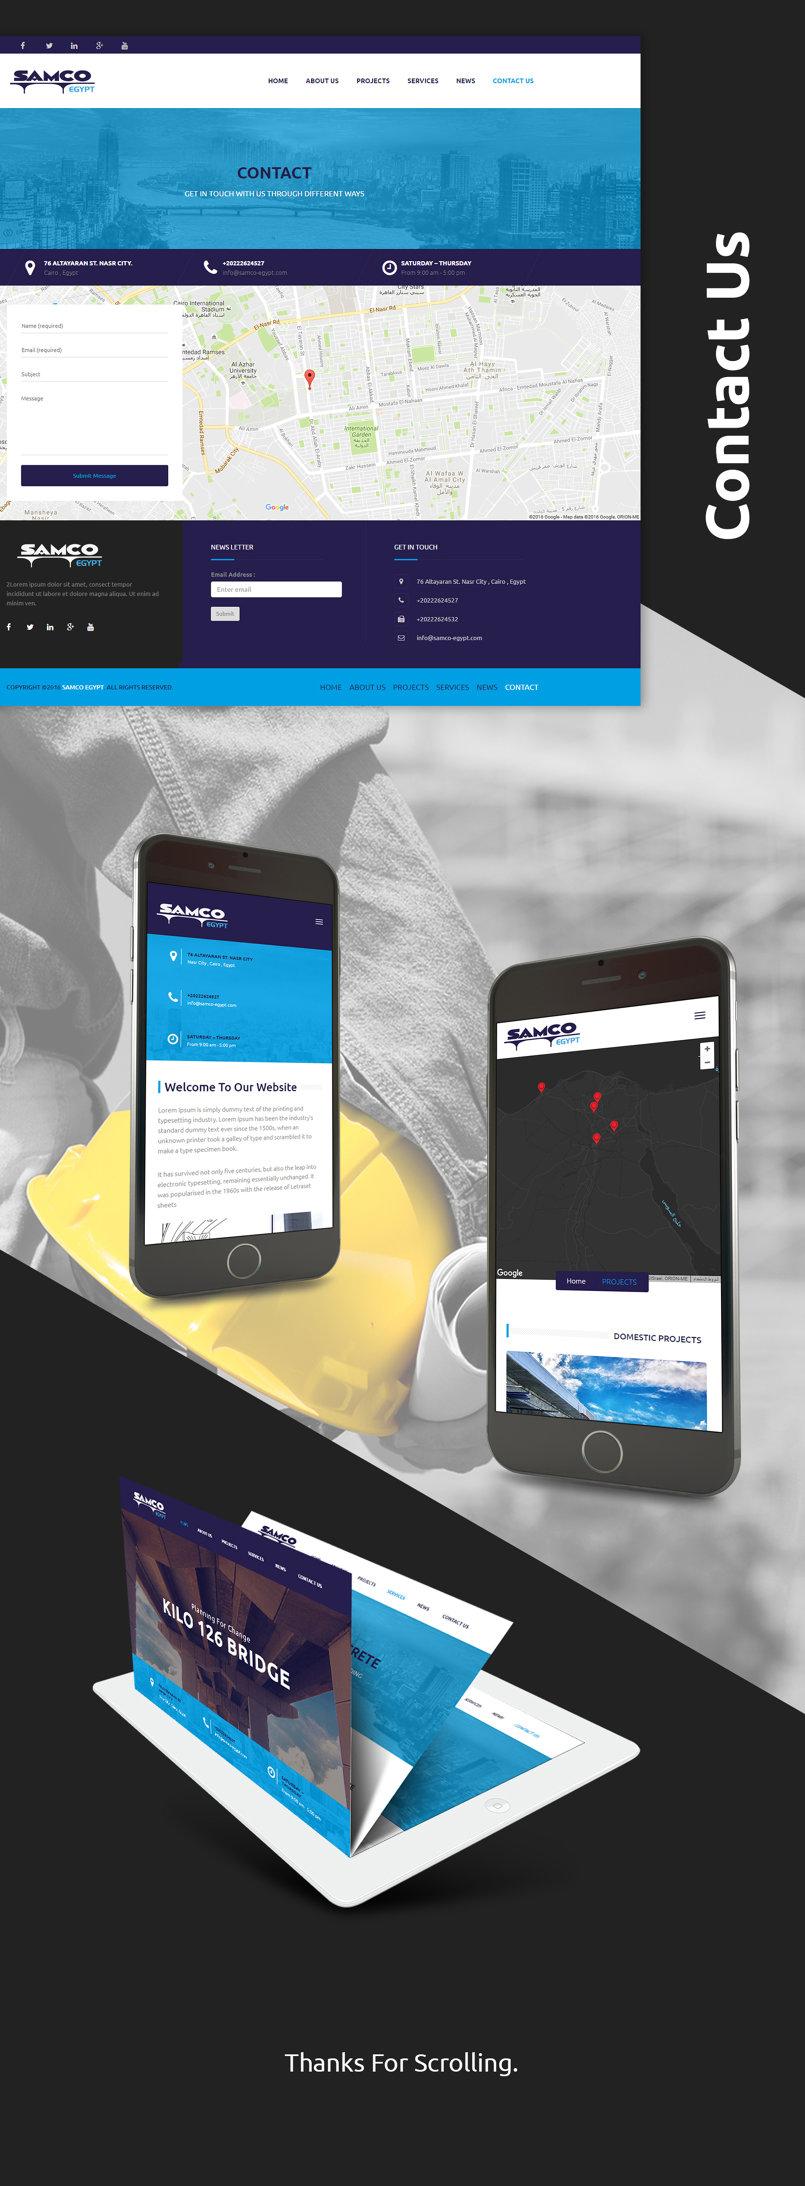 Samco Website